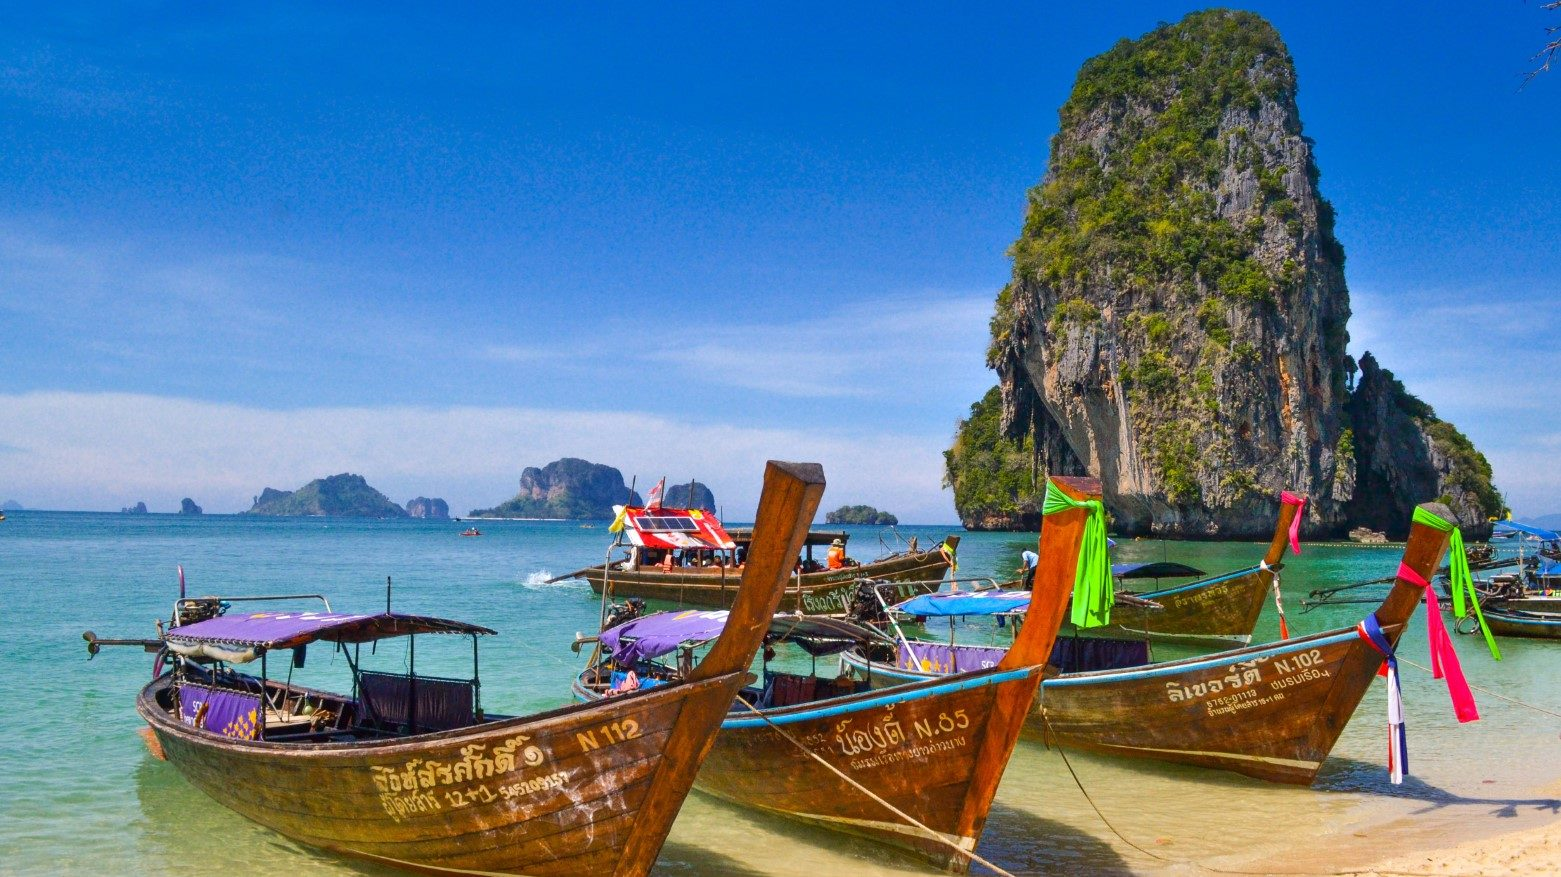 Flug-Deal: Bangkok Thailand mit Baby und Gepäck für 452 Euro